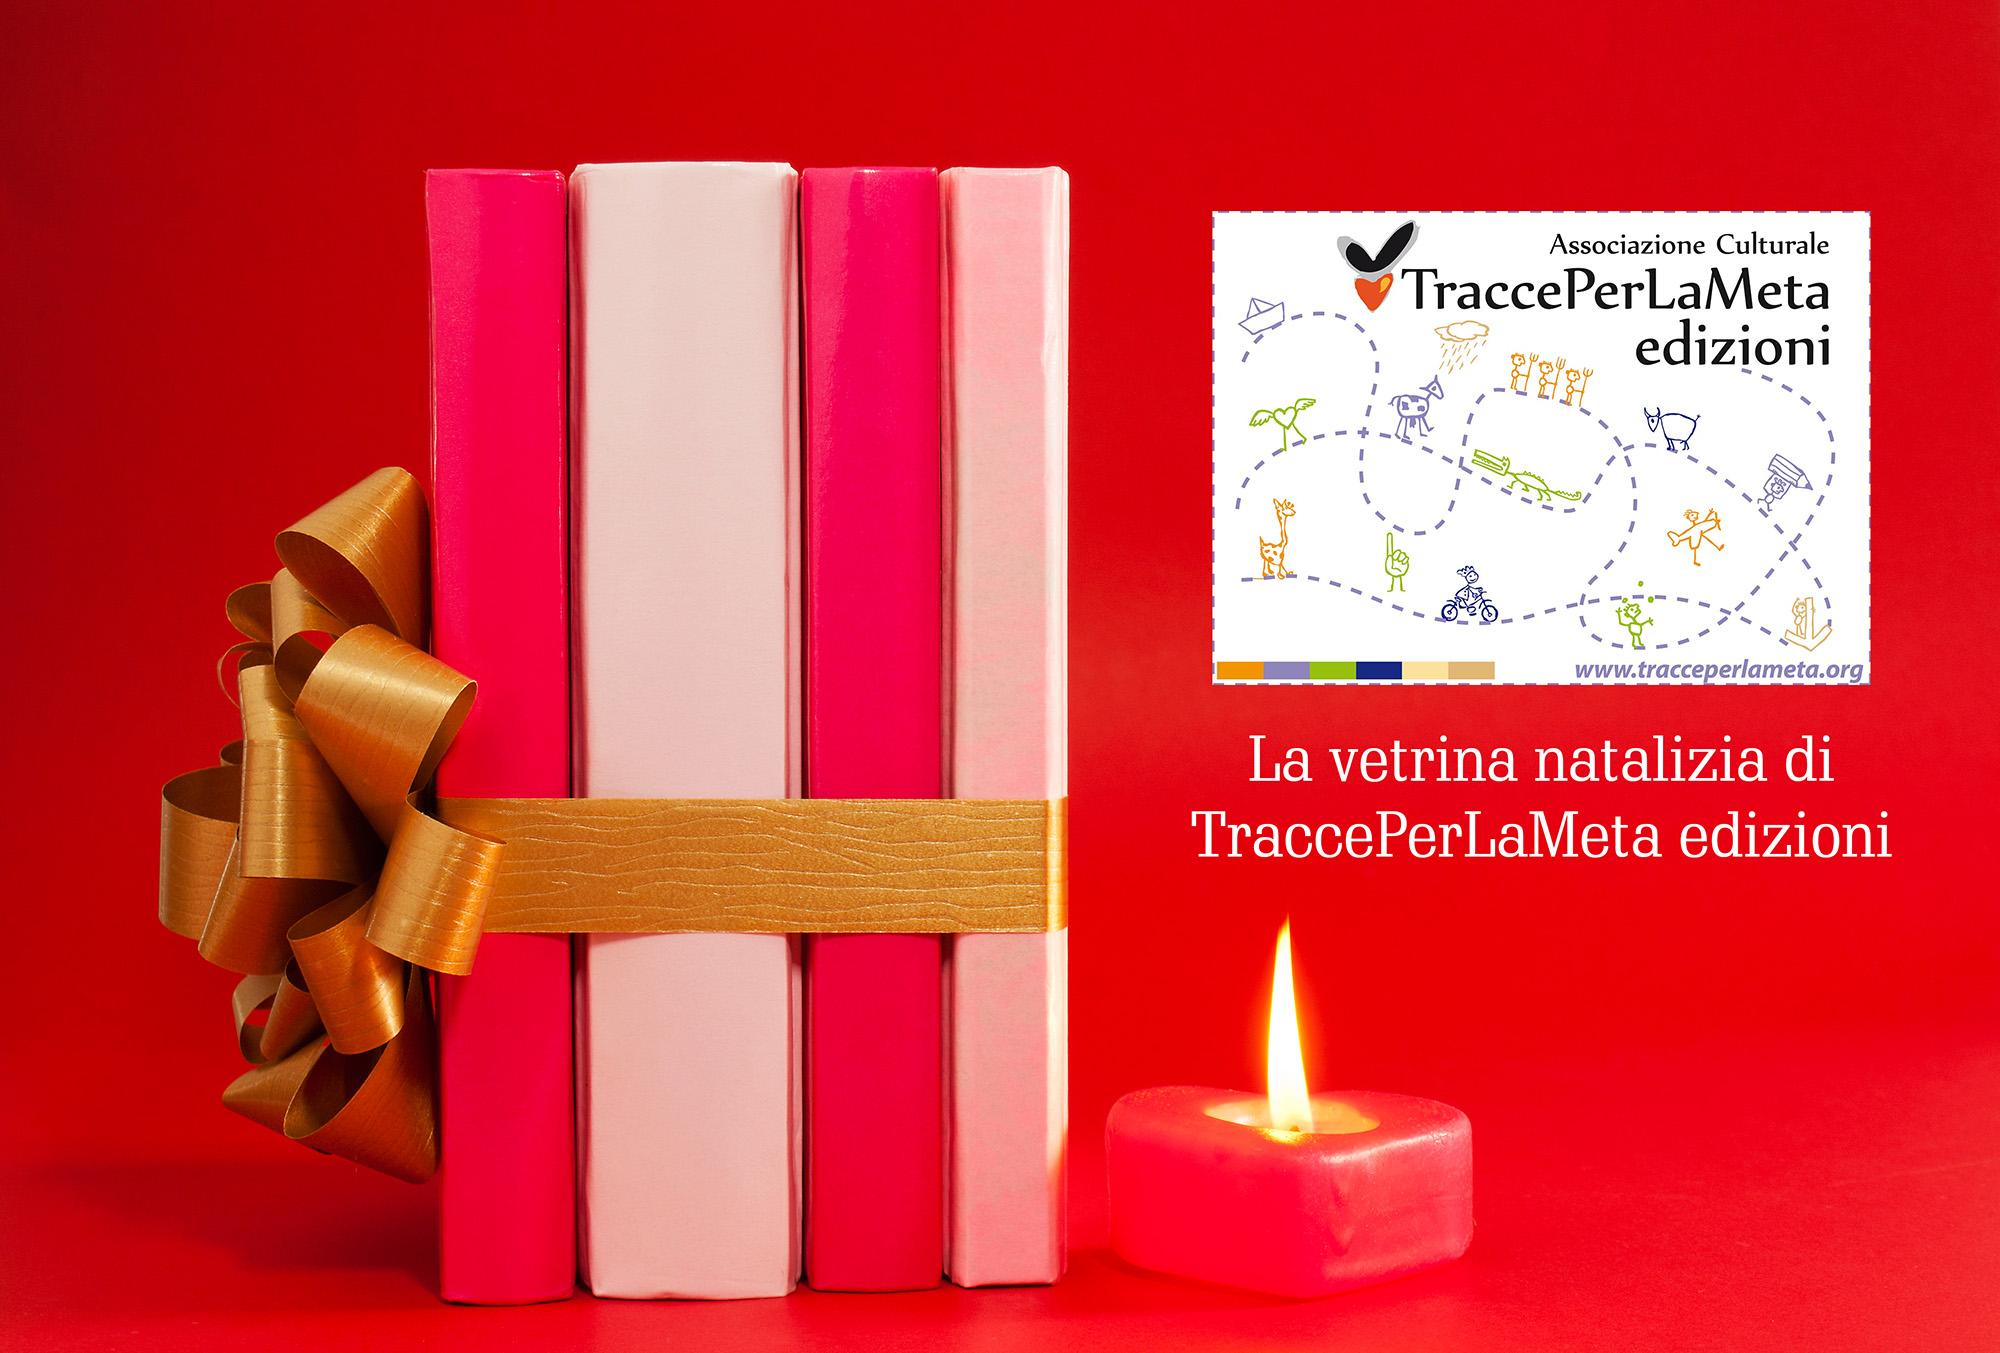 Vetrina natalizia di TraccePerLaMeta Edizioni